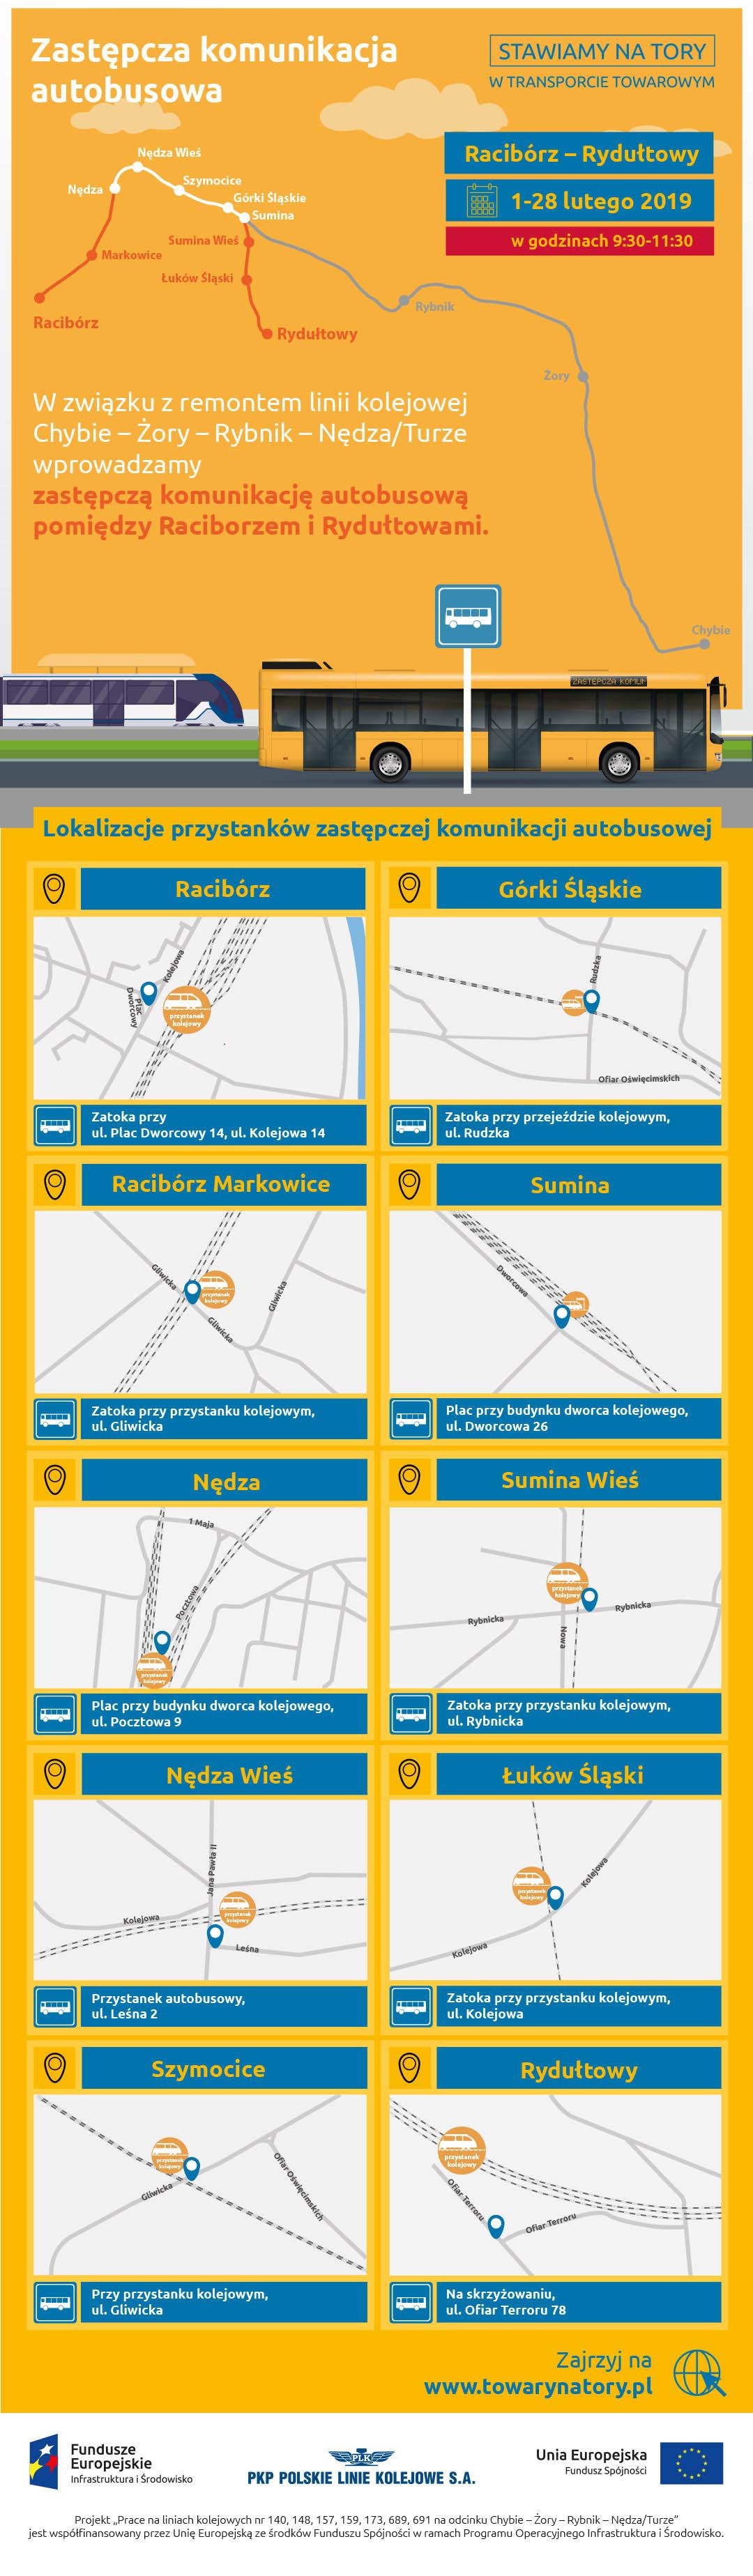 Infografika mówi o zastępczej komunikacji autobusowej w lutym dwa tysiące dziewiętnastego roku. Dotyczy ona miejscowości: Racibórz, Górki Ślaskie, Racibórz Markowice, Sumina, Nędza, Sumina Wieś, Nędza Wieś, Łuków Śląski, Szymocice i Rydułtowy.